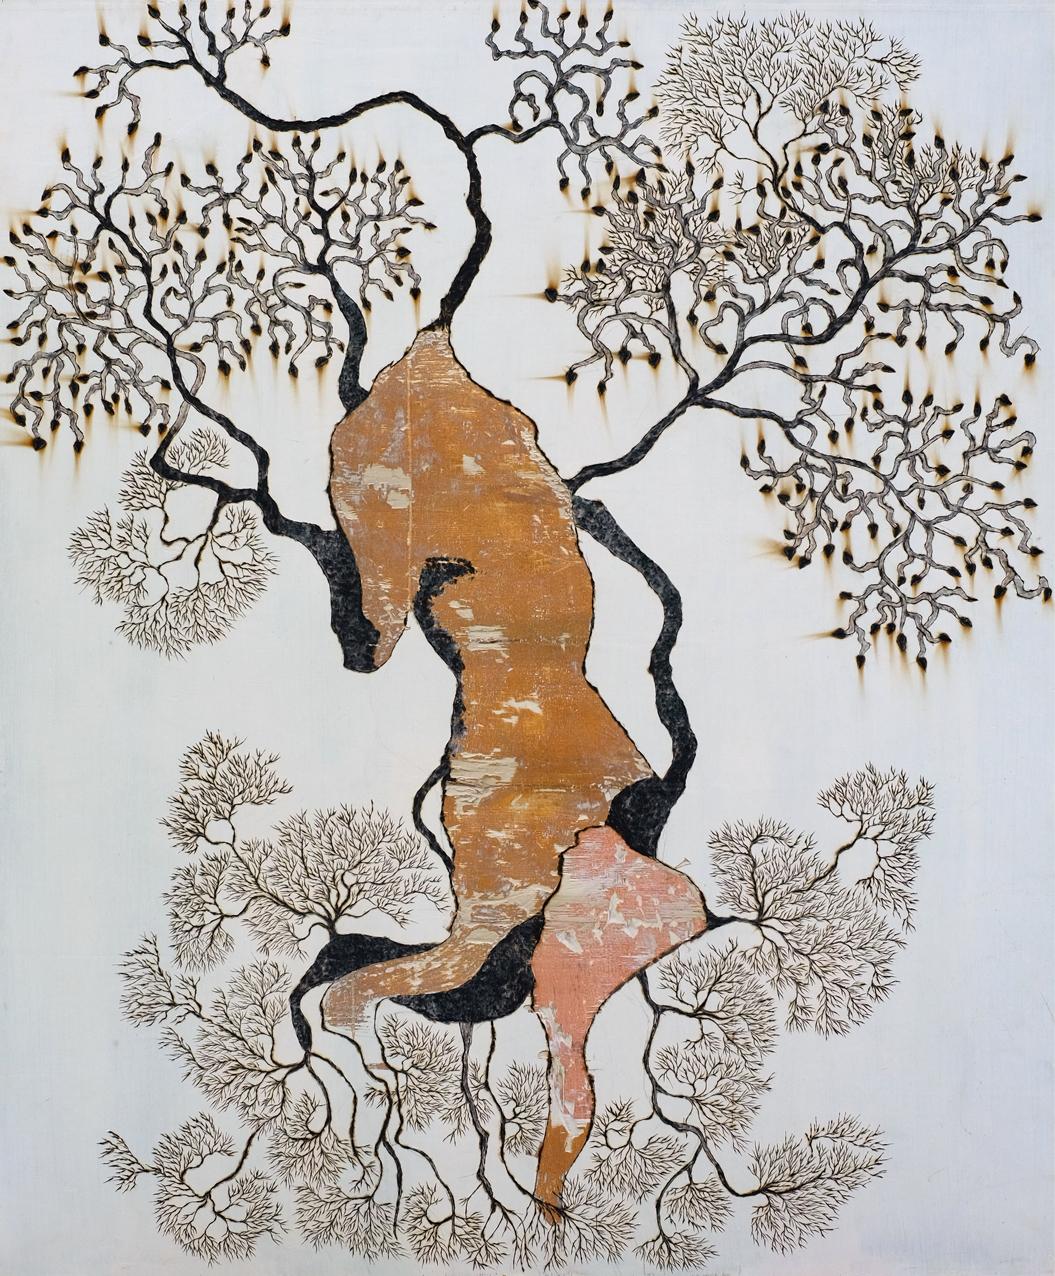 La légende du grand cerf et du chasseur // Format 155 x 125 cm